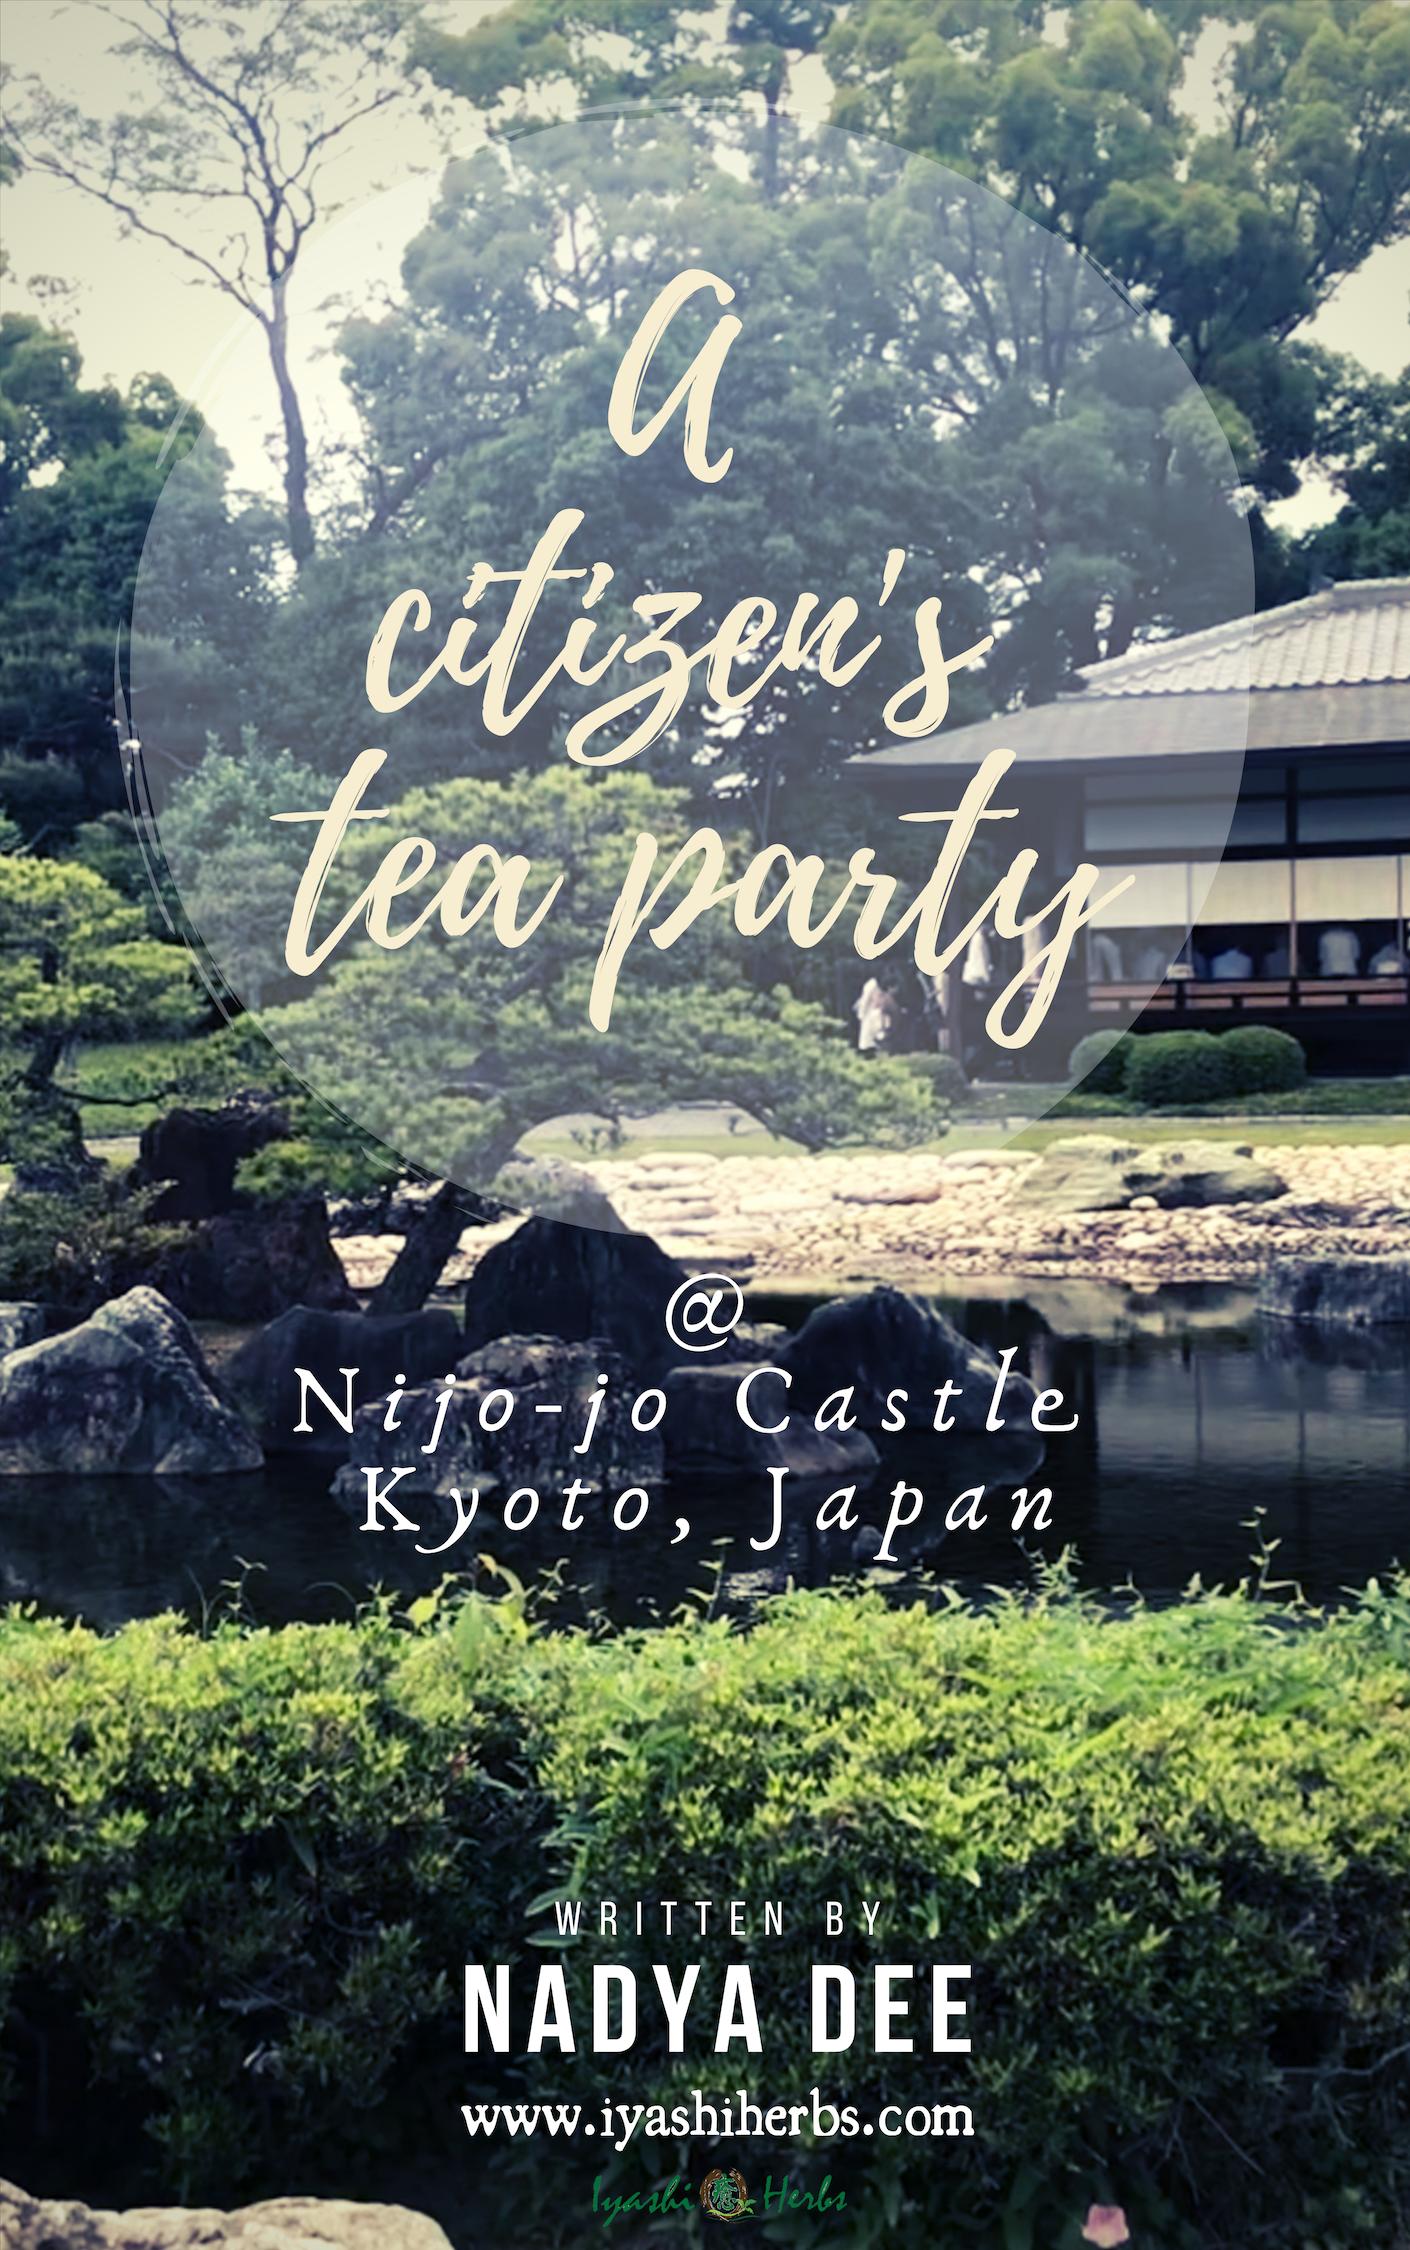 A citizens tea party